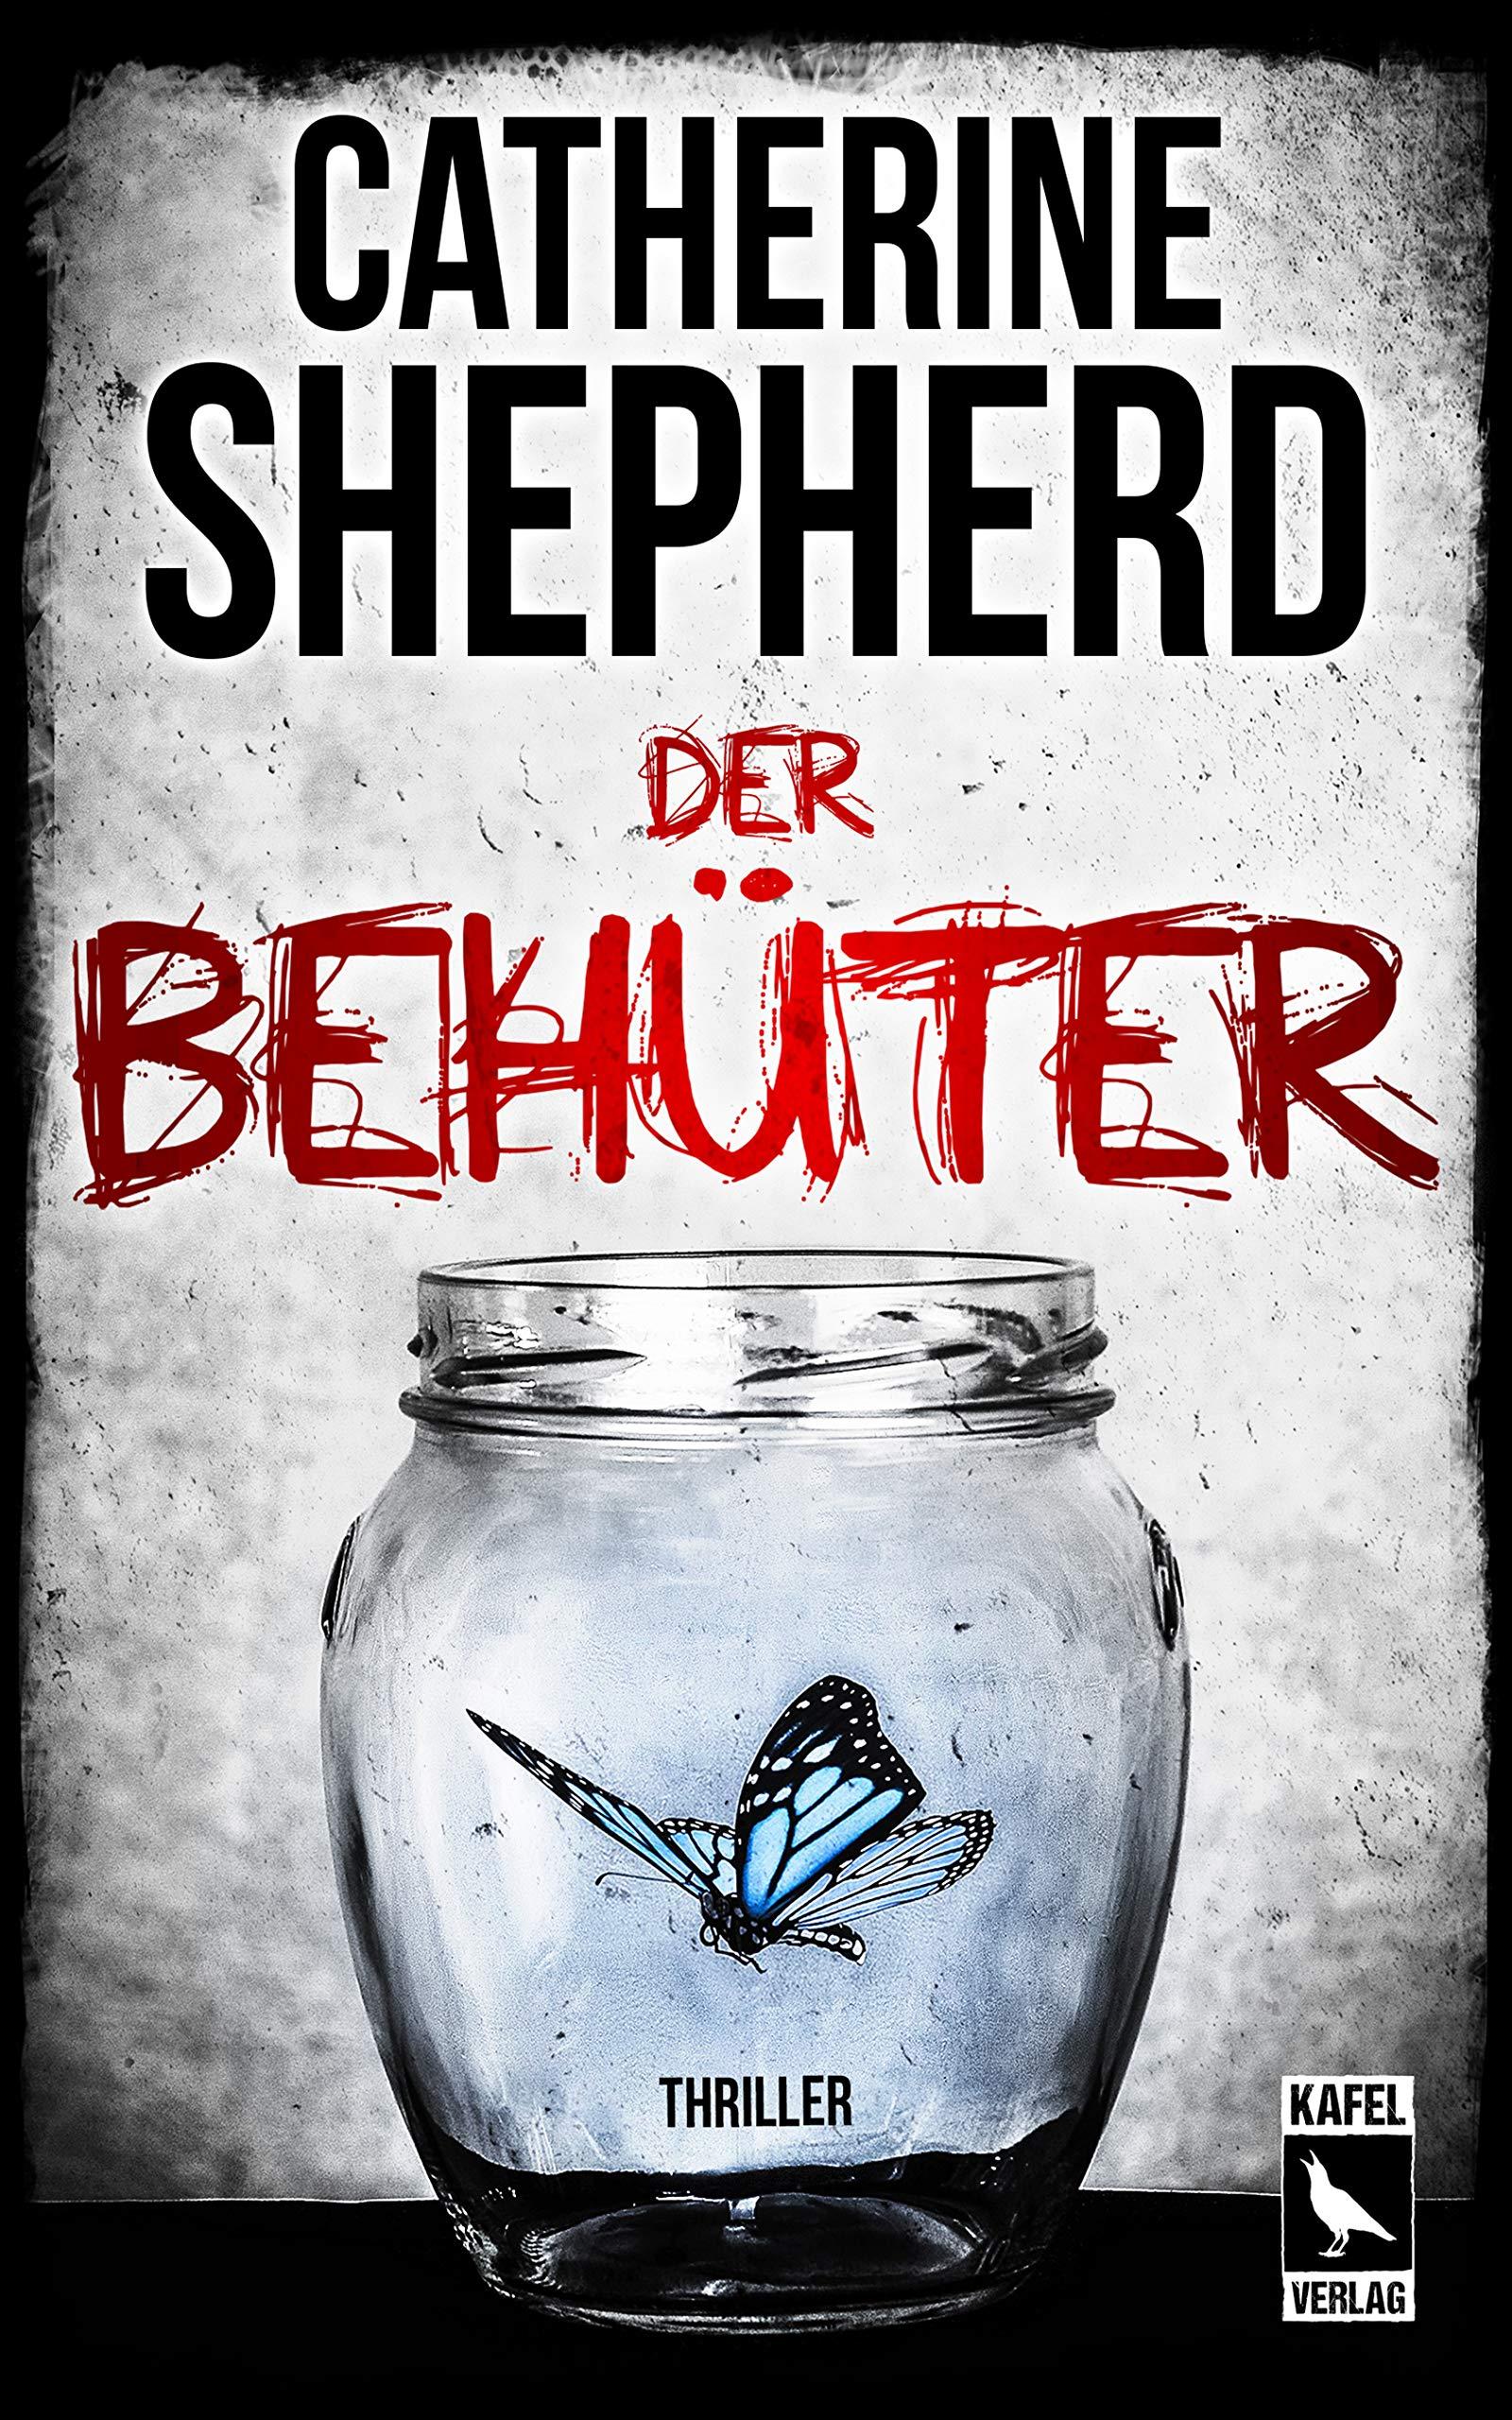 Coverbild von Der Behüter, von Catherine Shepherd